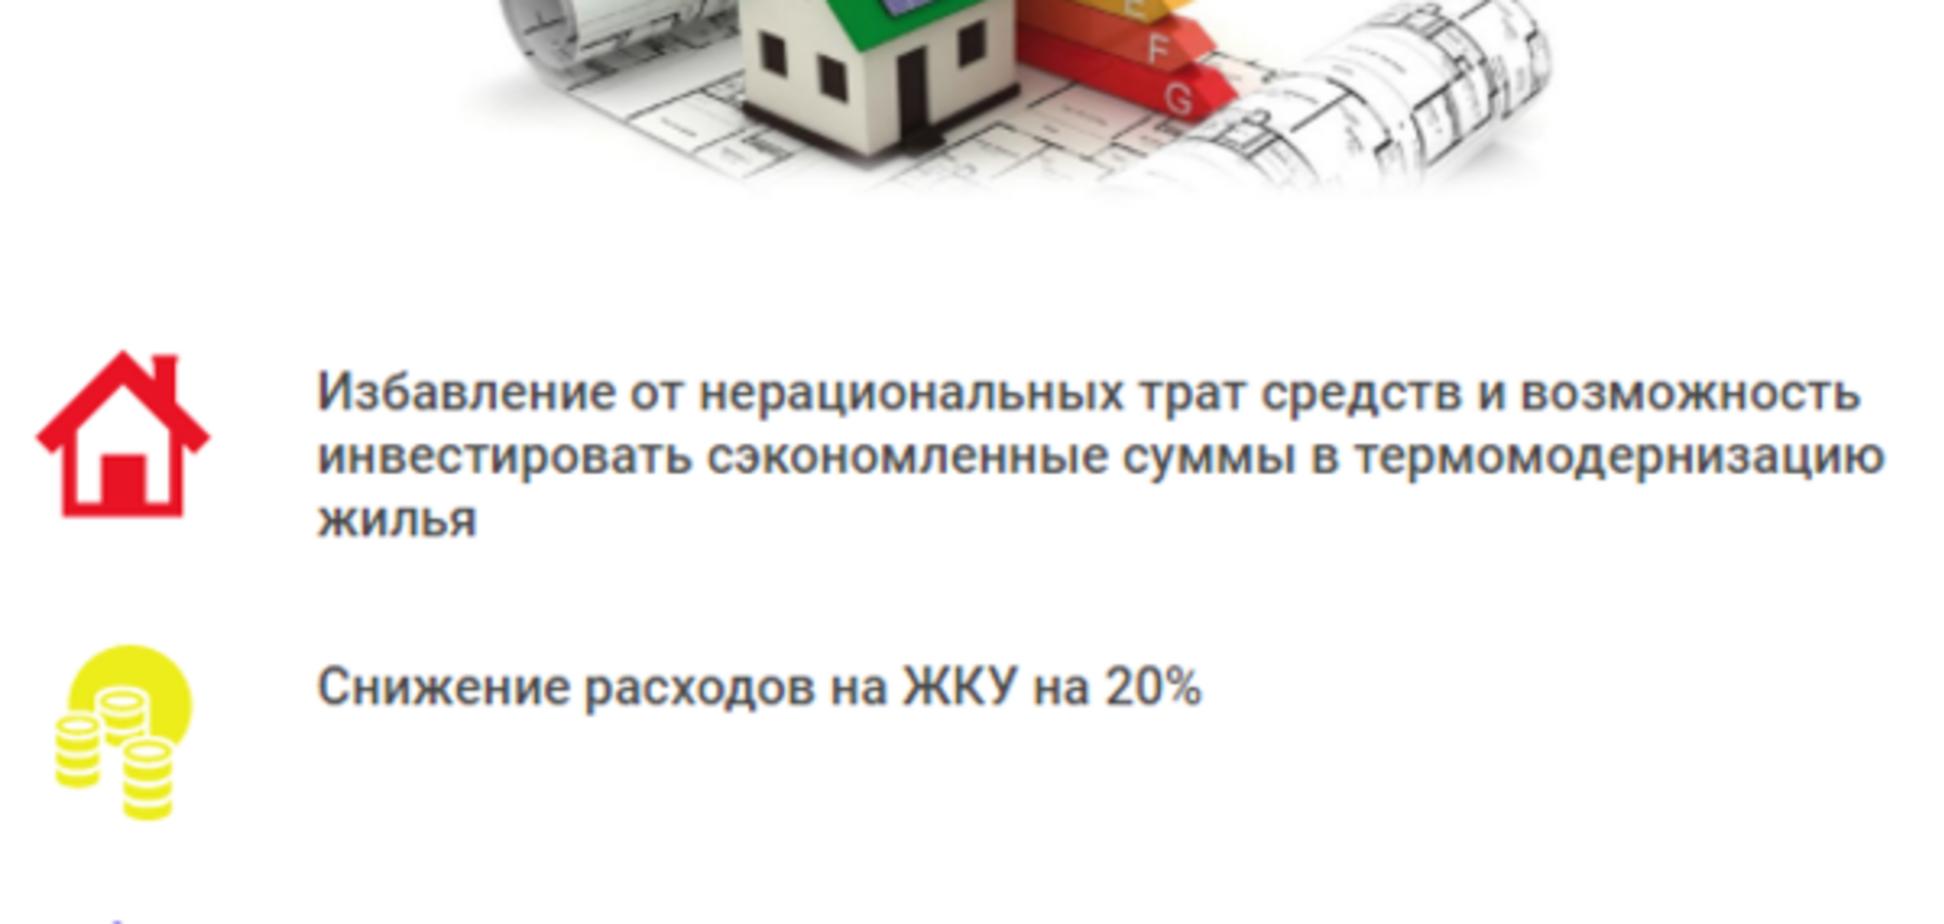 Энергоэффективность в Украине